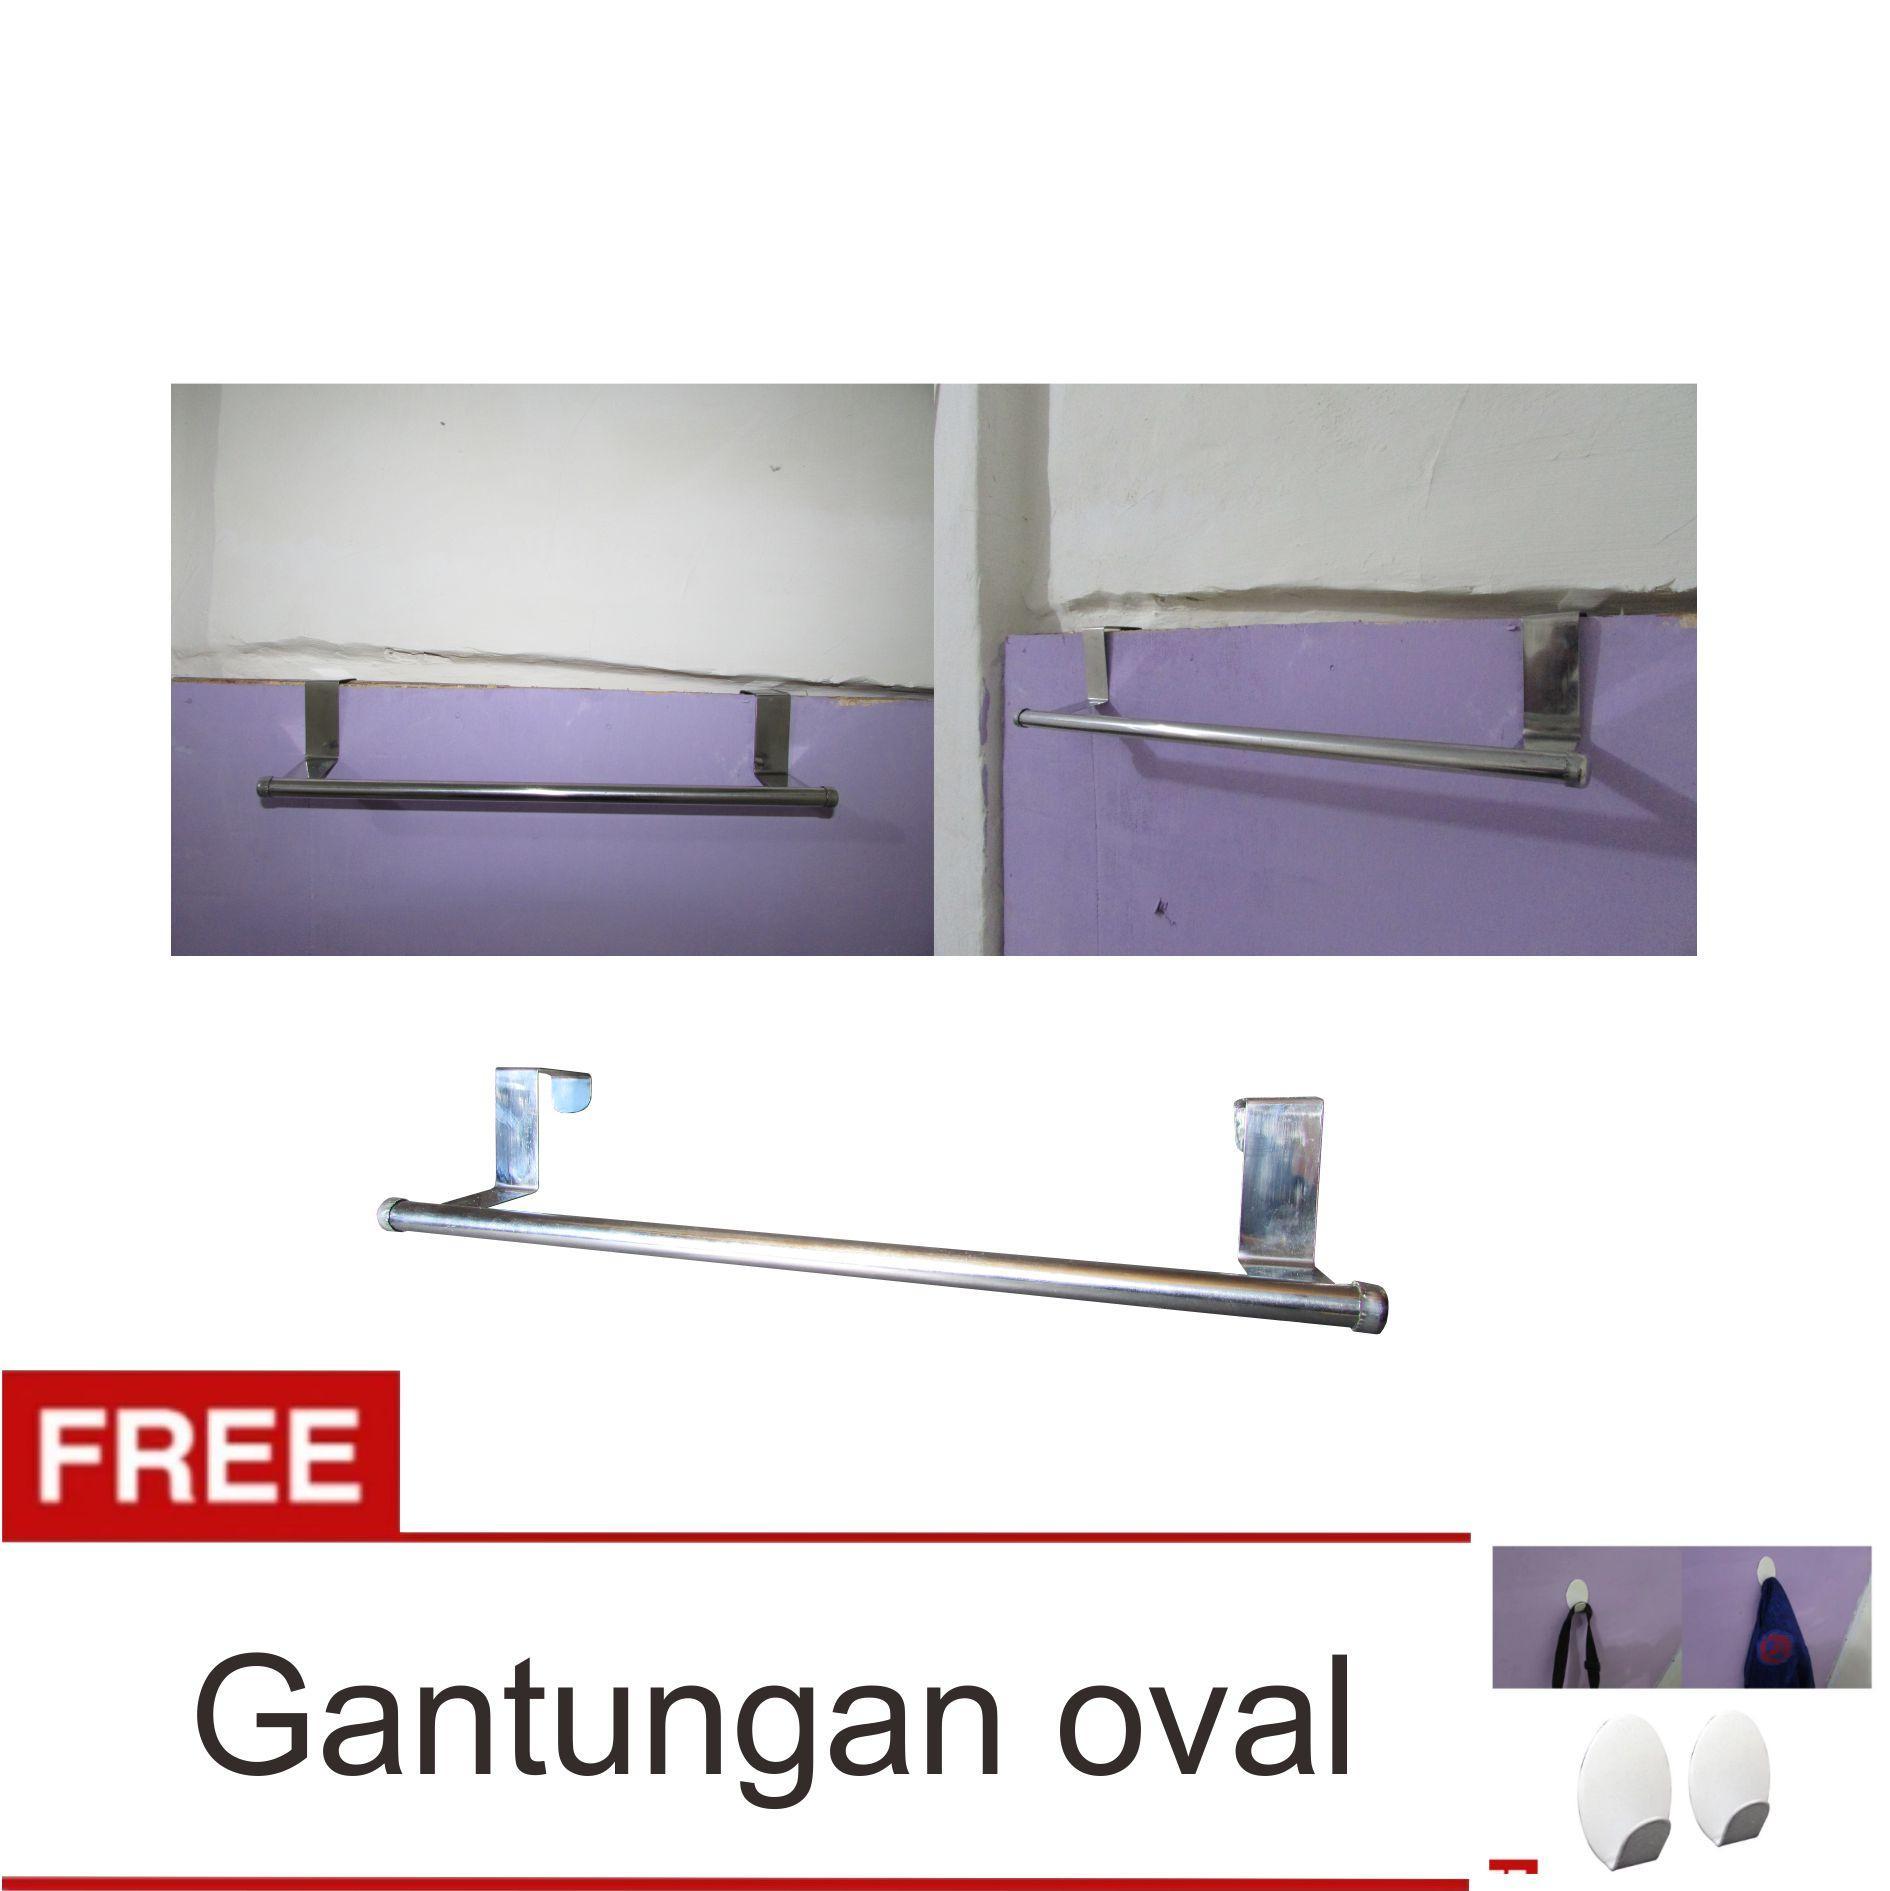 Lanjarjaya Stainless Steel Gantungan Handuk Bar Kamar Mandi Tanpa Paku + Gantungan Oval Set